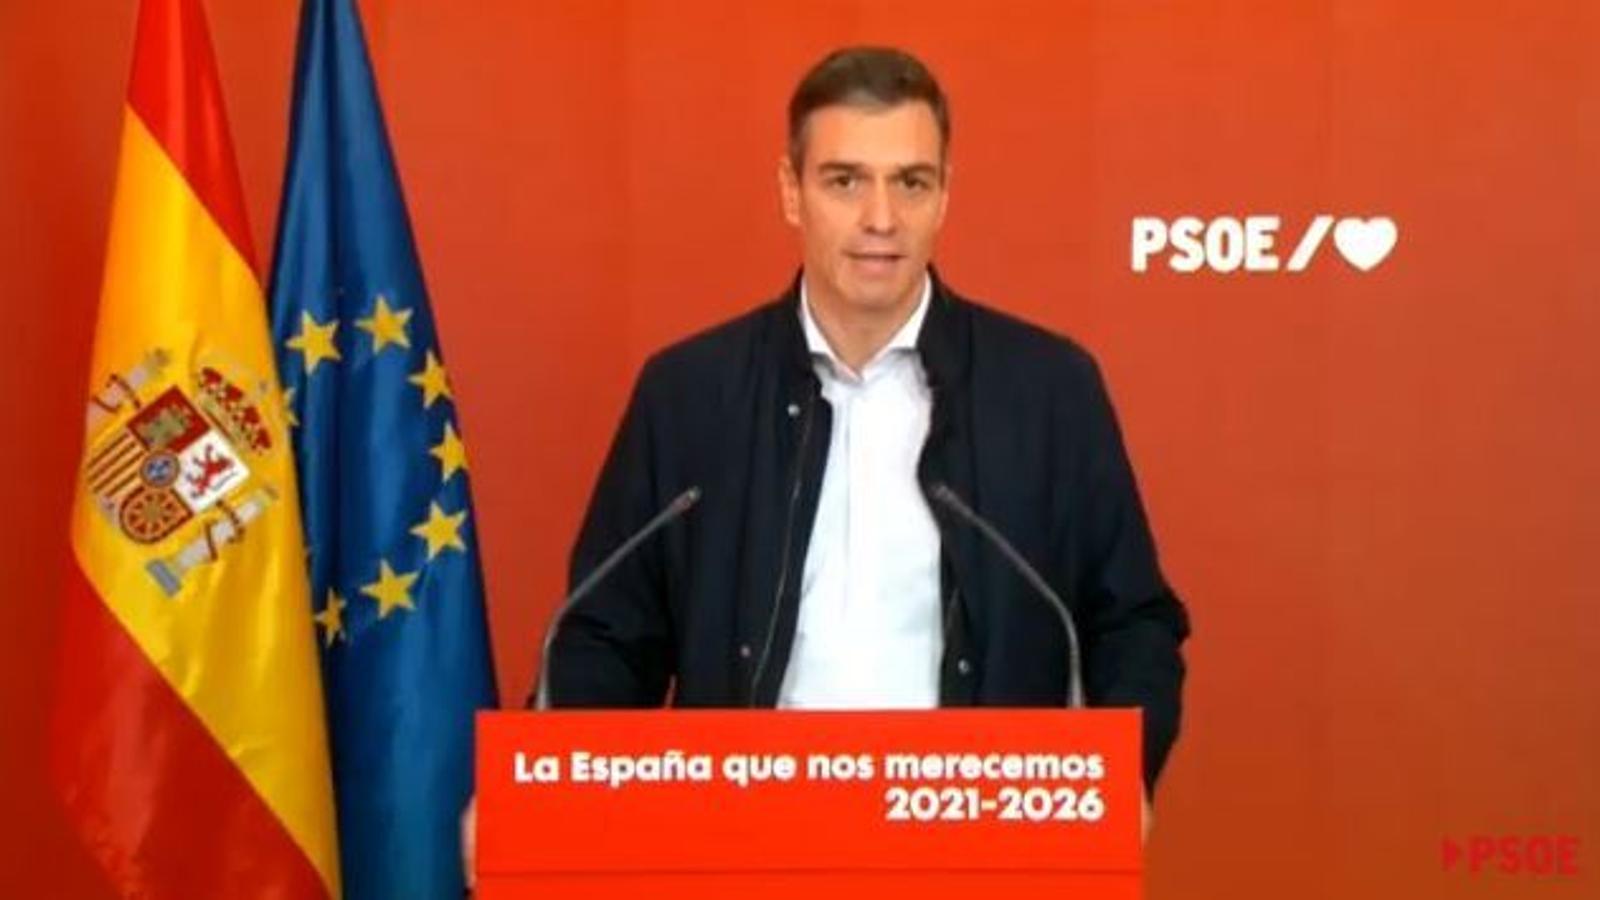 El president del govern espanyol, Pedro Sánchez, en una compareixença a la seu del PSOE